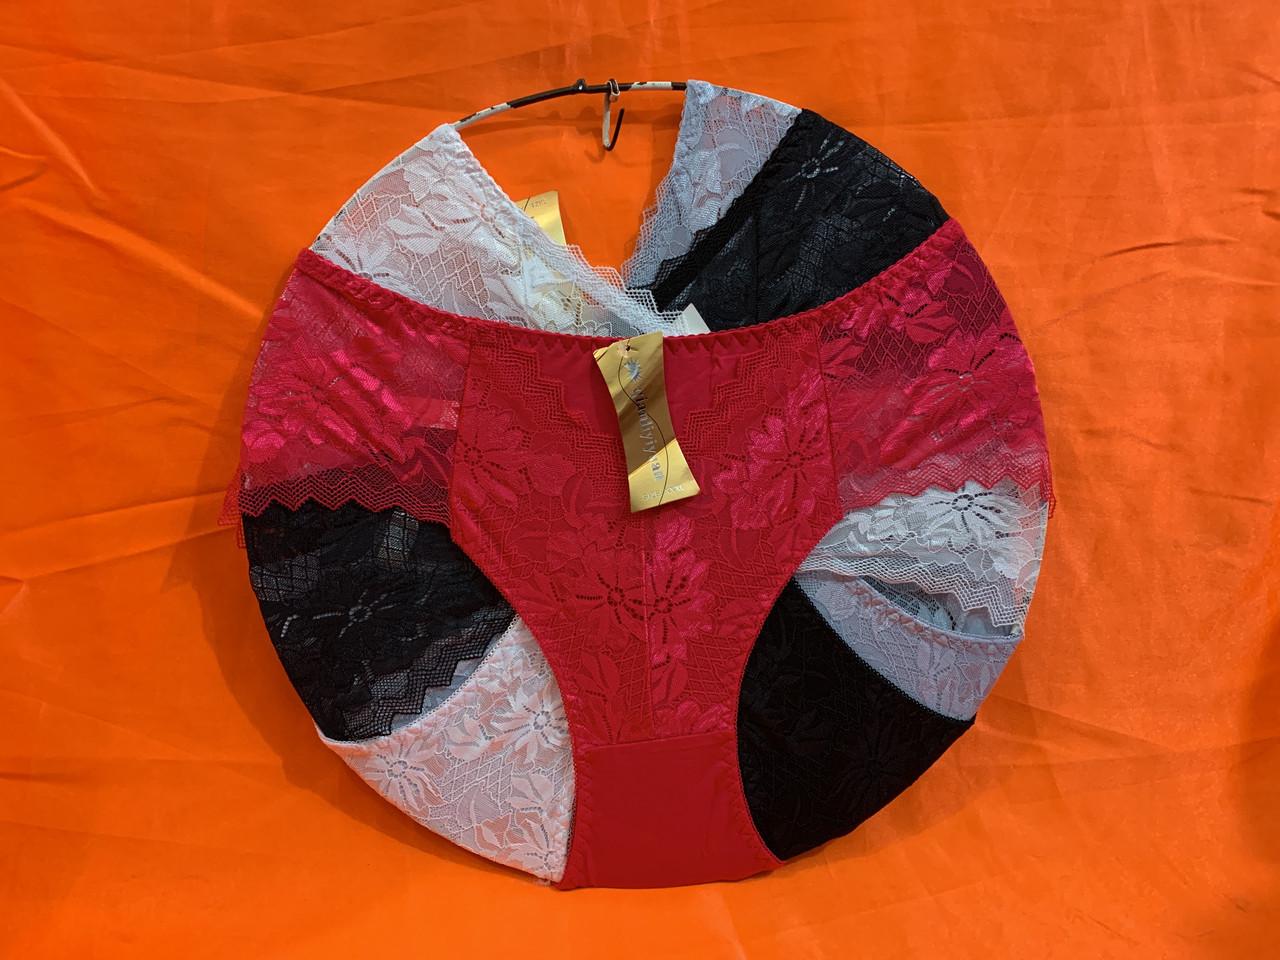 Трусы гипюр размер 48-52, один цвет в упаковке